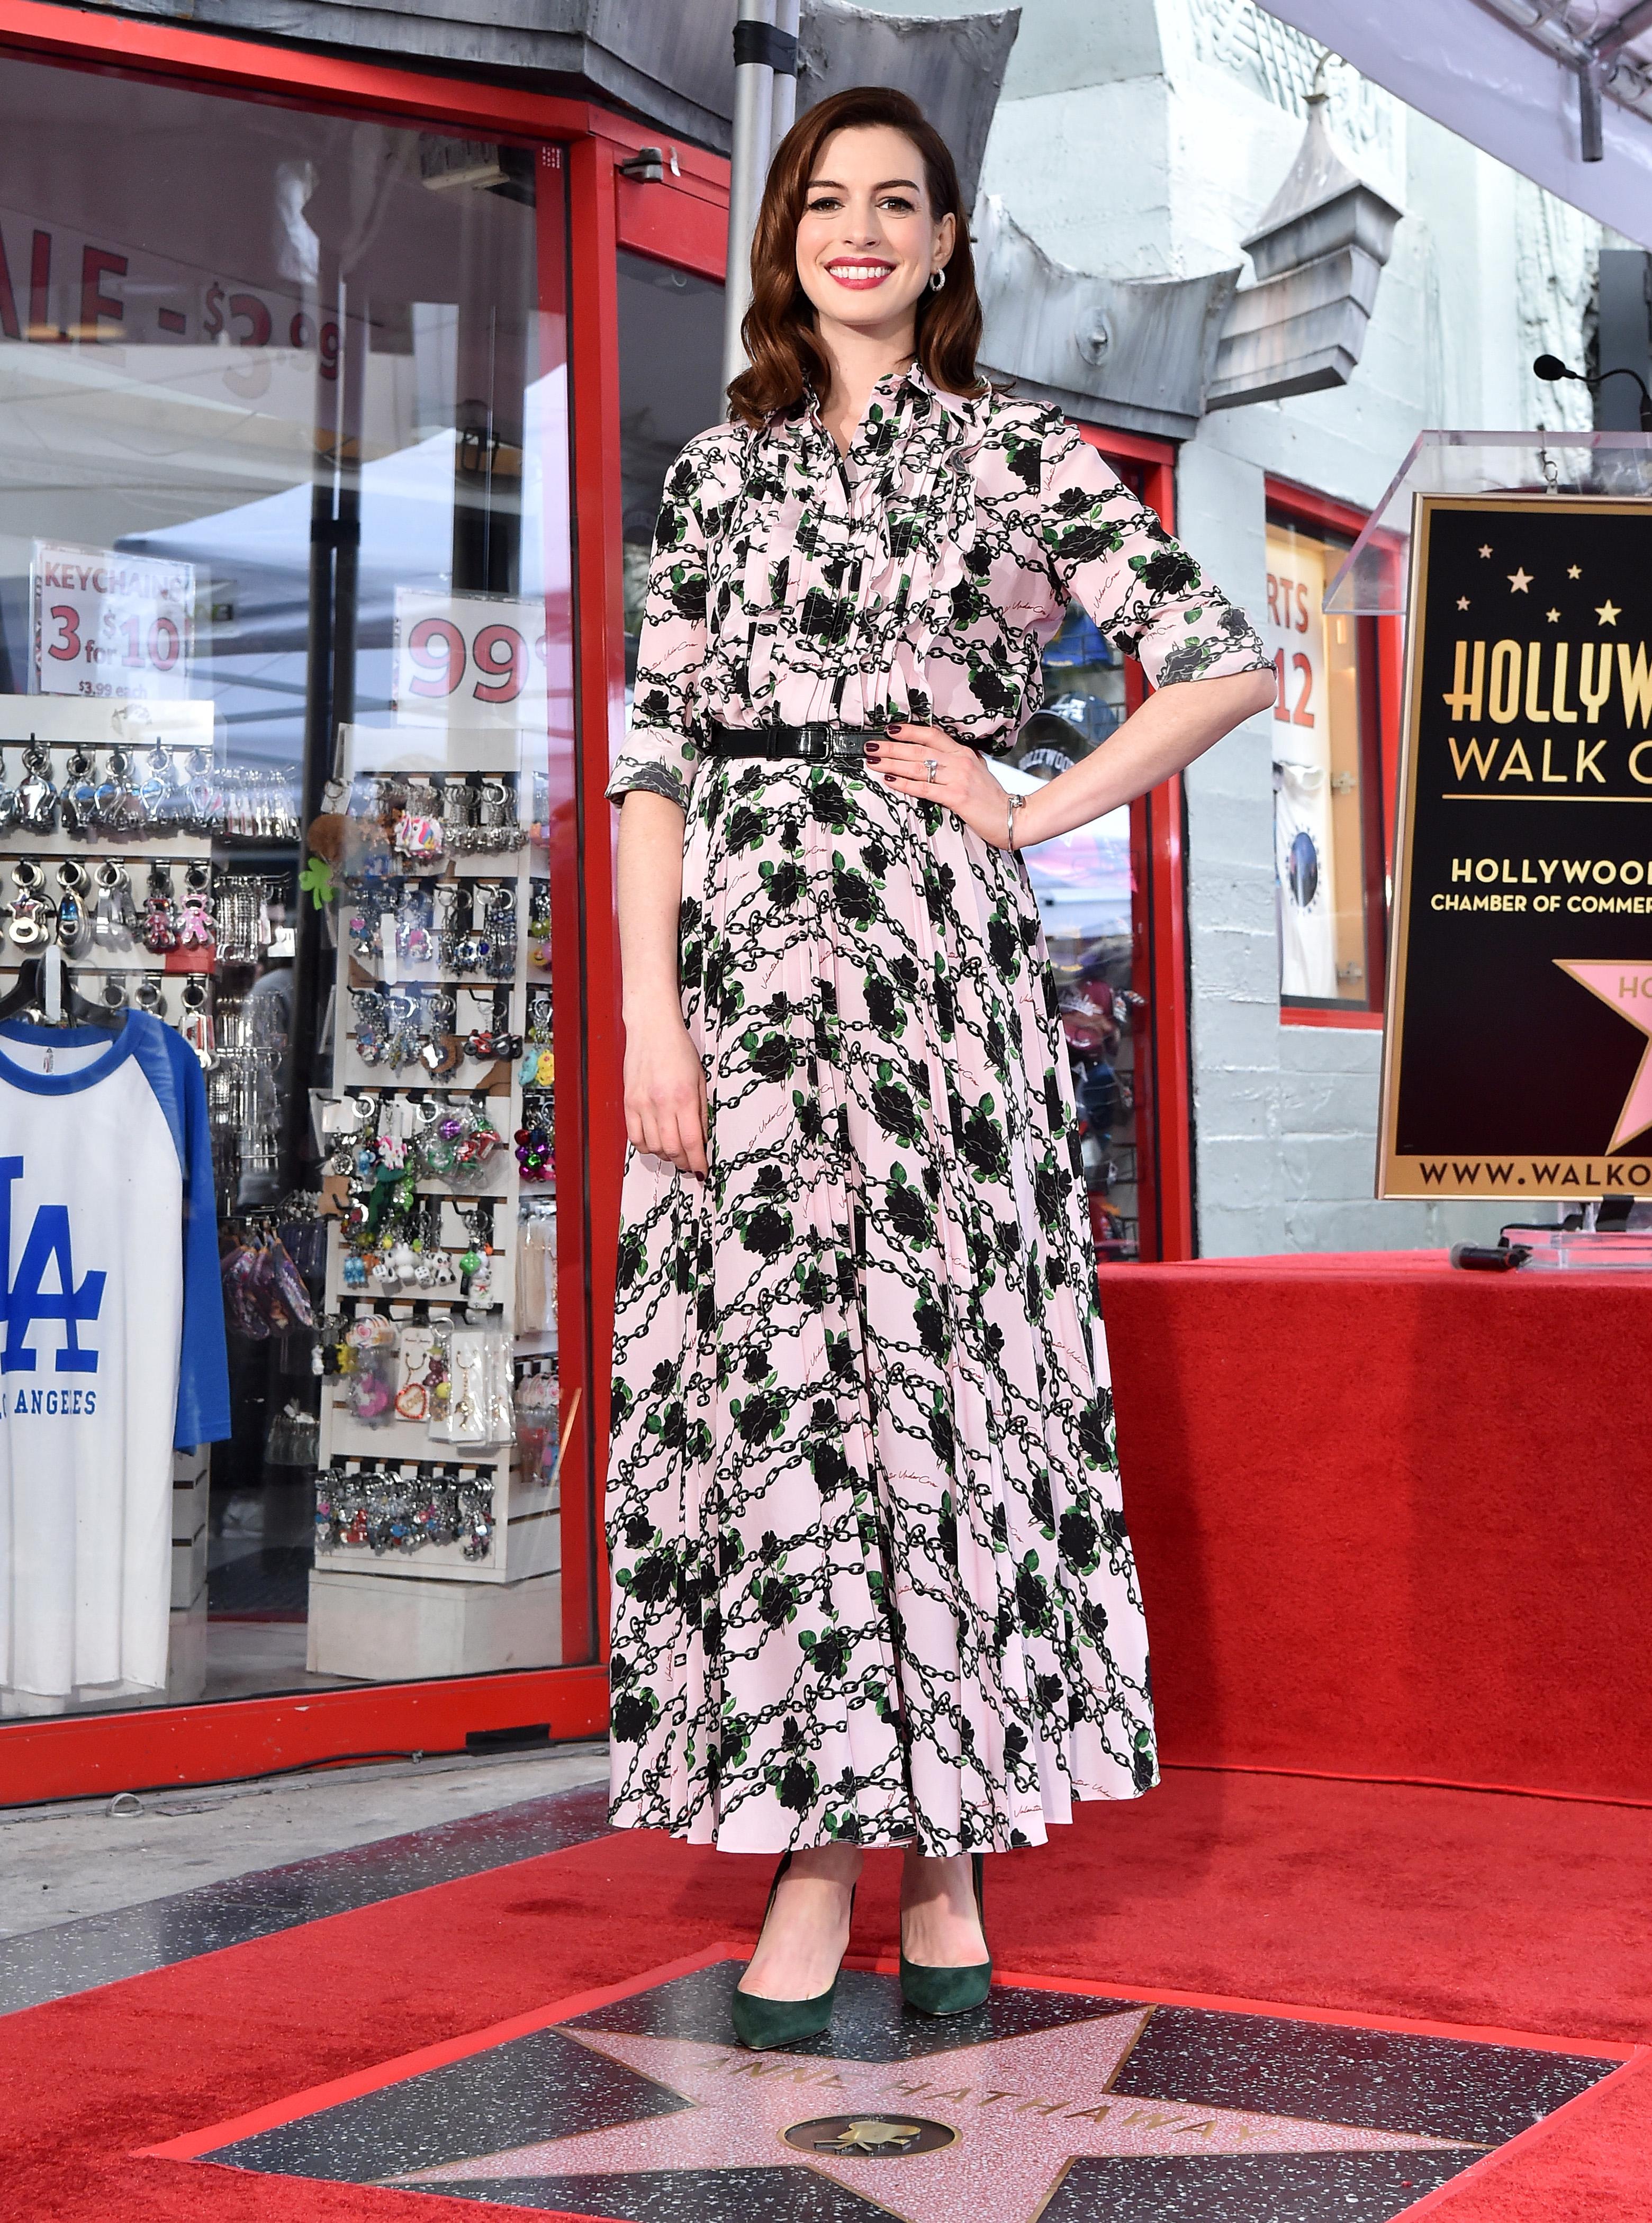 Anne hathaway, looks, estrella, walk of fame, hollywood